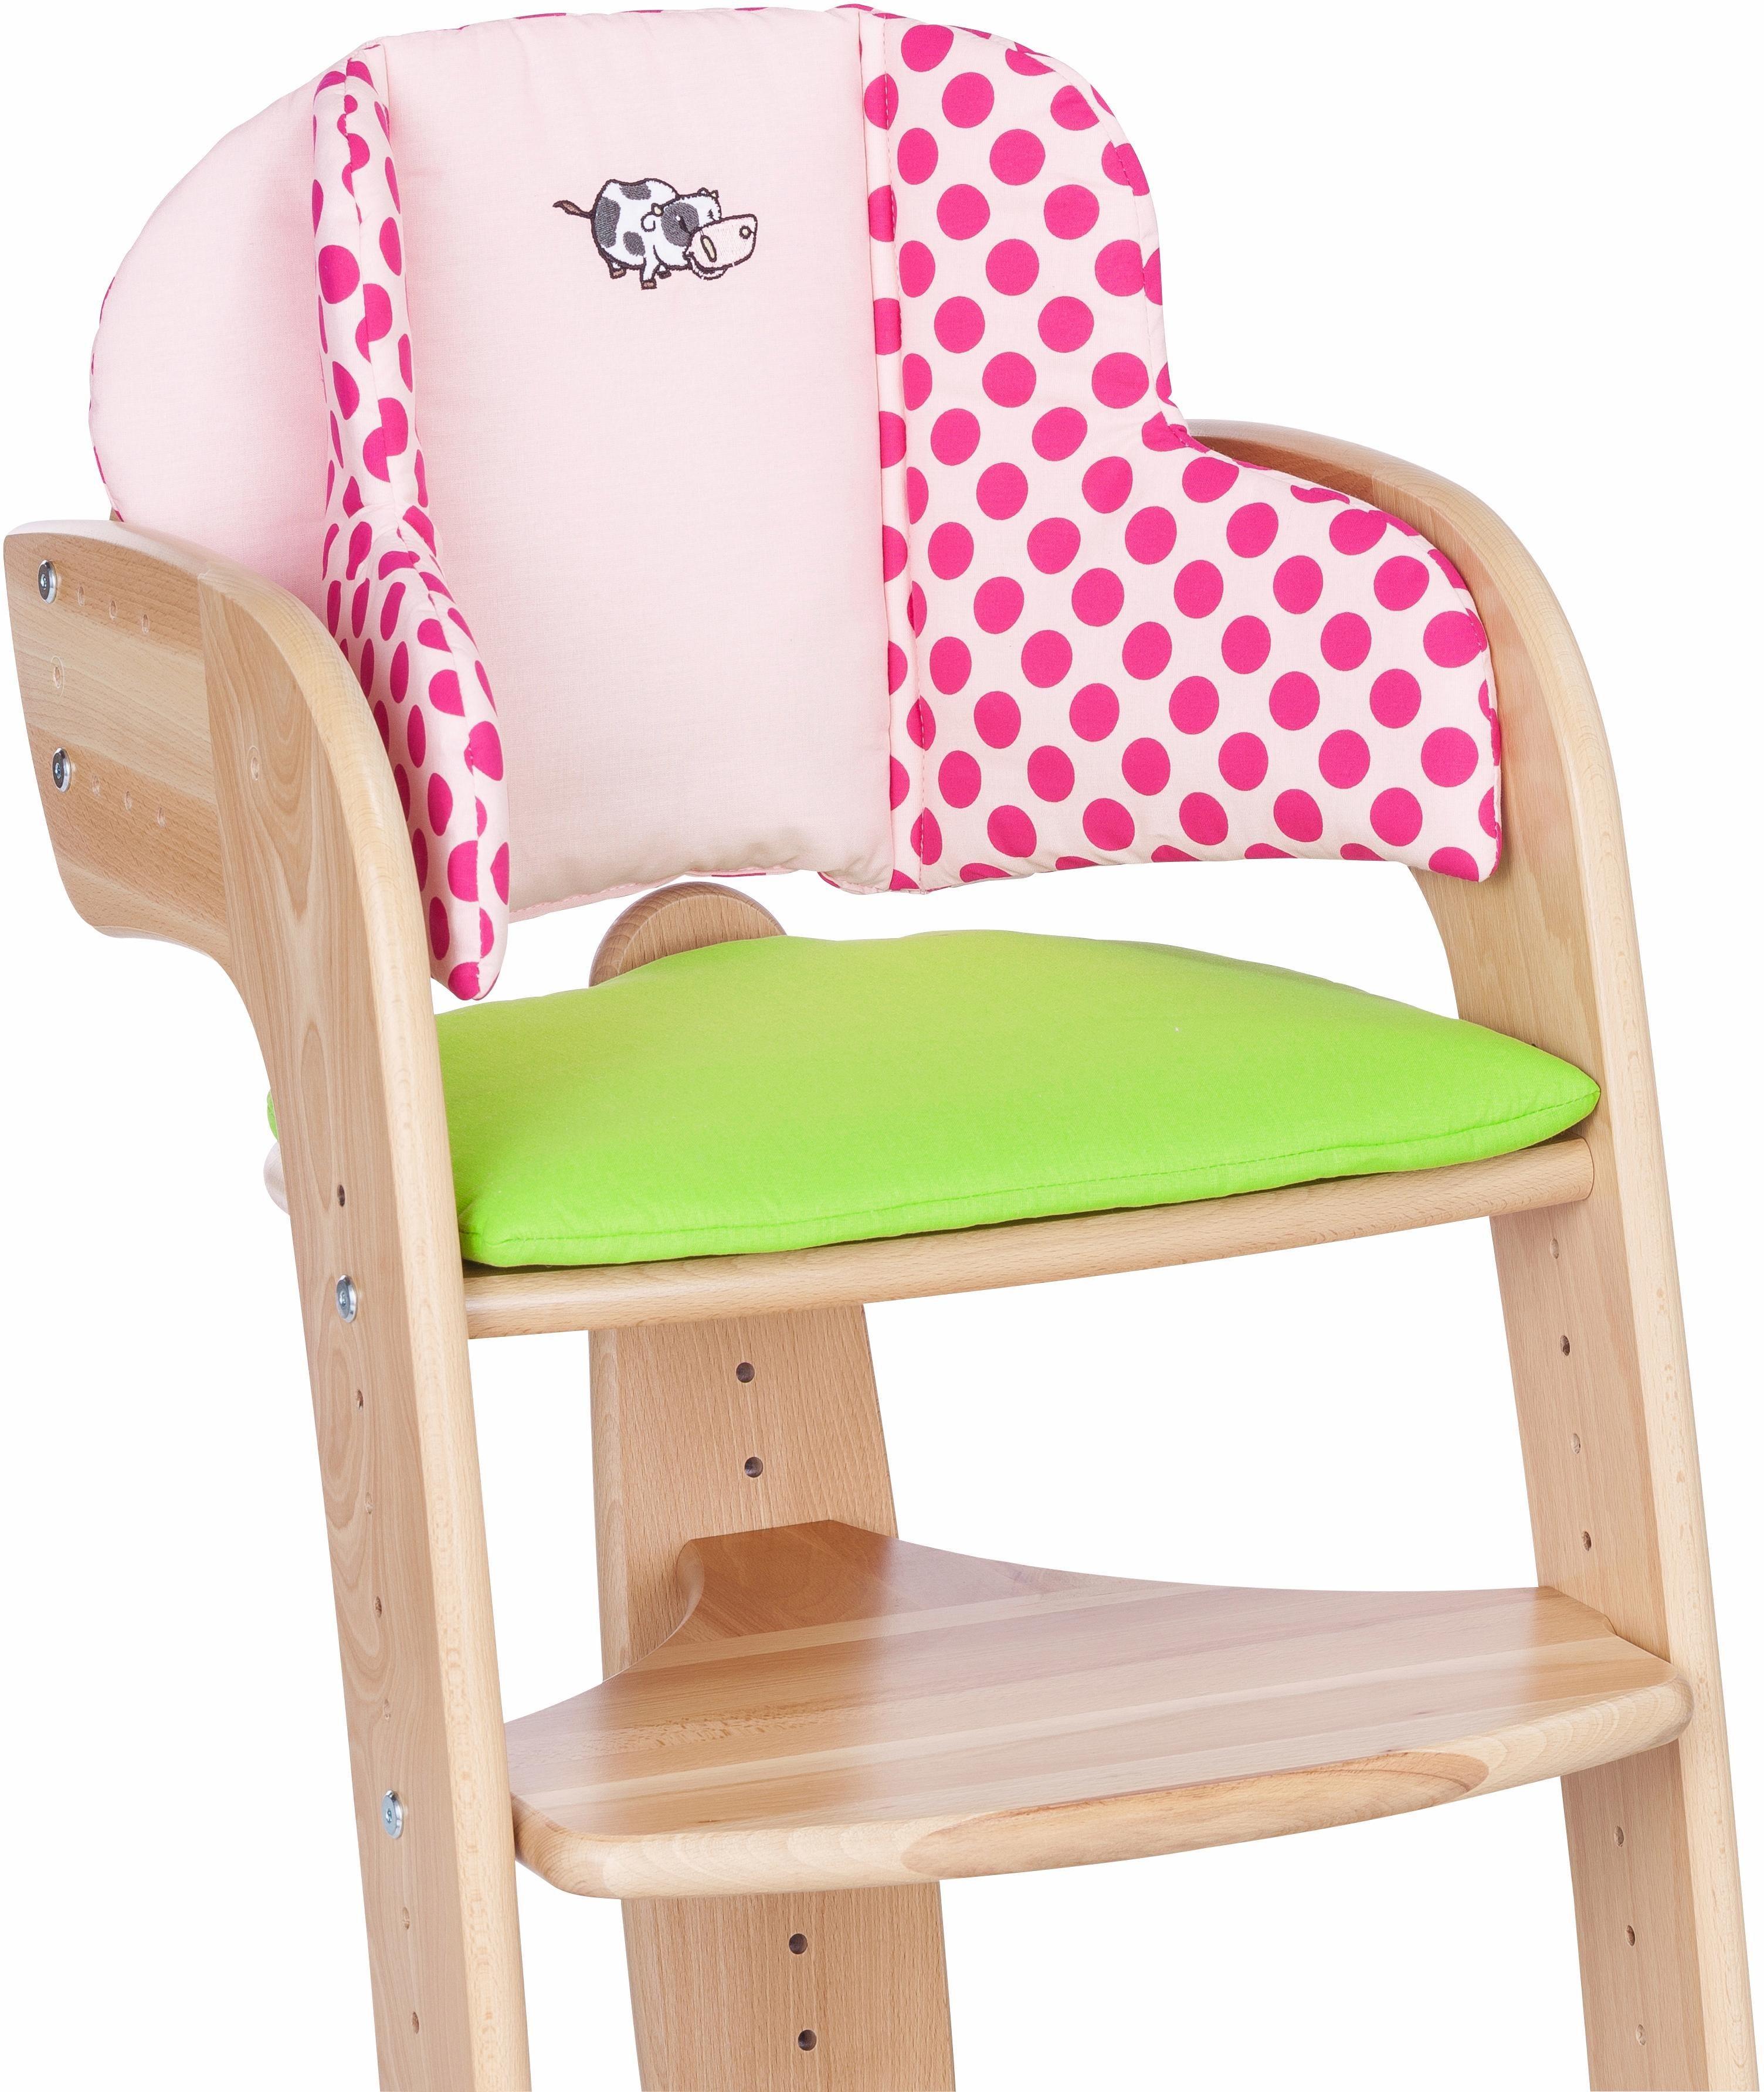 Herlag® Sitzpolster für Hochstuhl Tipp Topp Comfort IV, »Emma«   Kinderzimmer > Kinderzimmerstühle > Hochstühle   Herlag